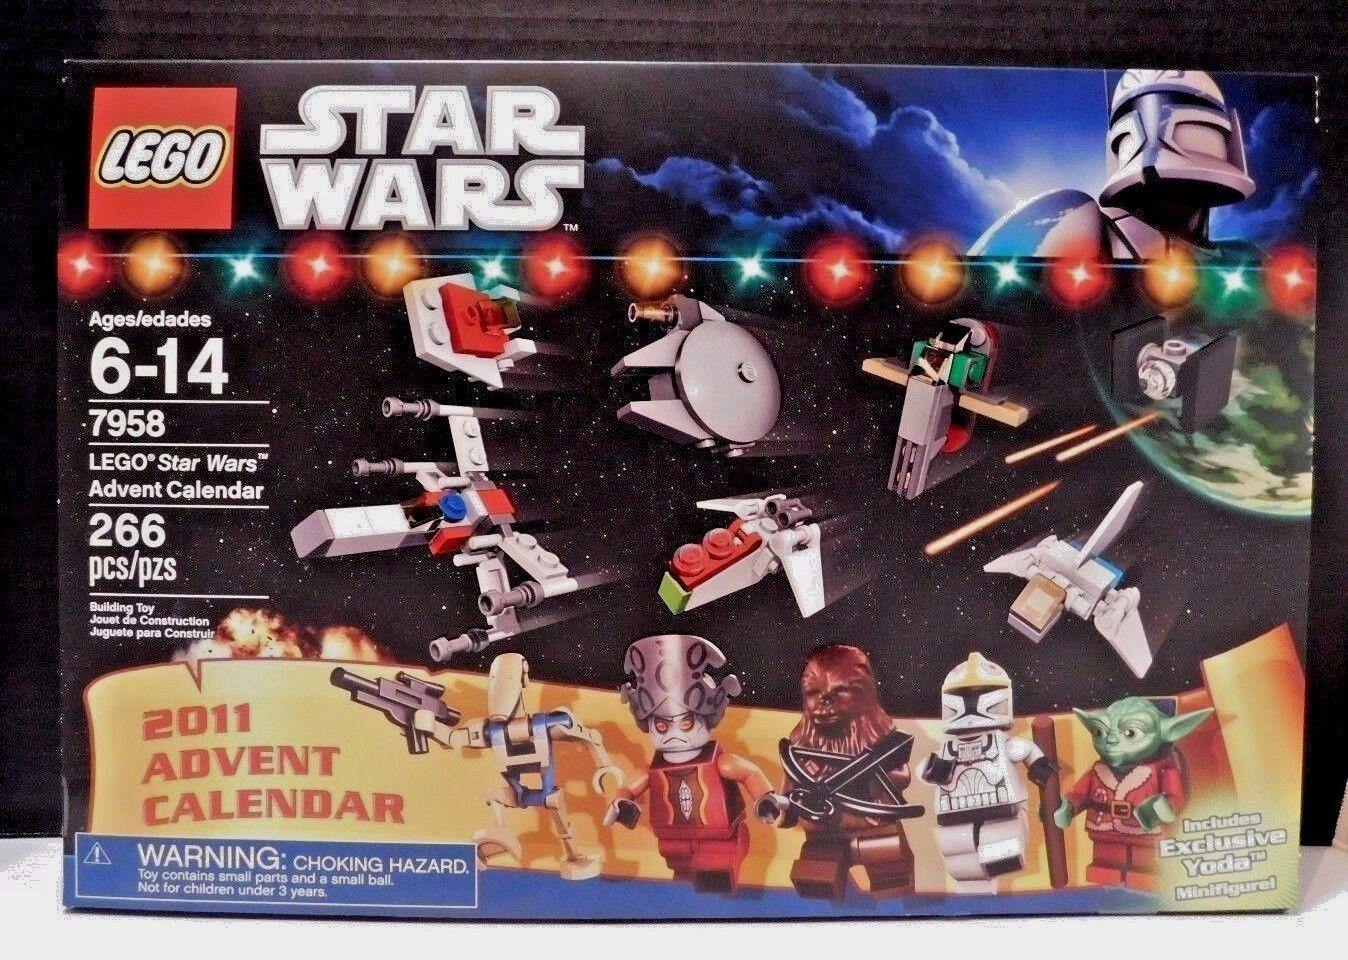 LEGO Star Wars Set 7958